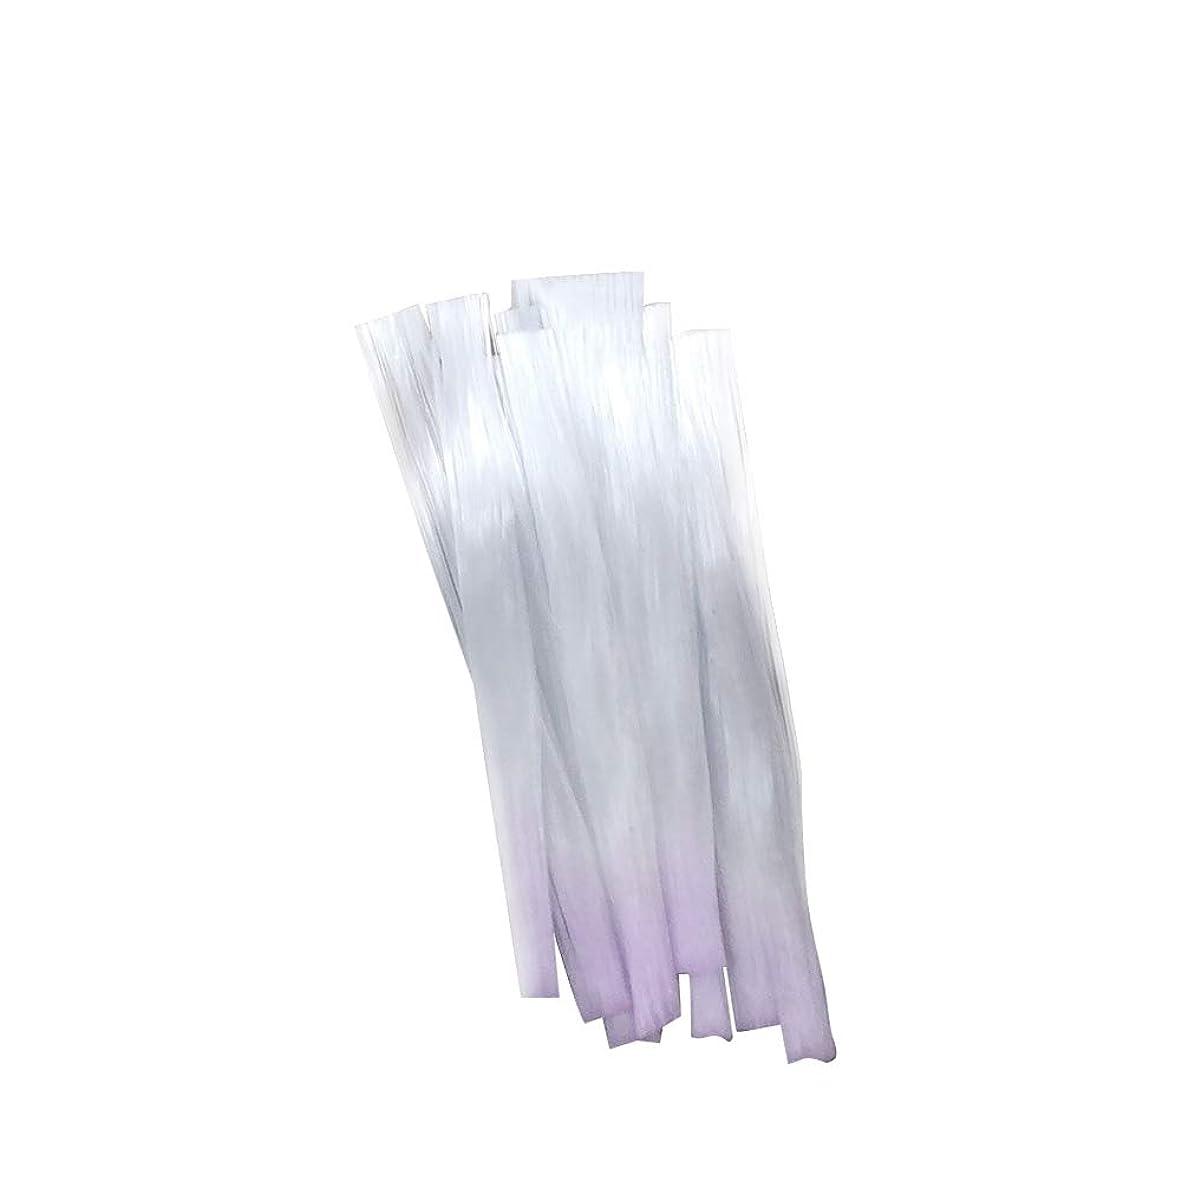 学校の先生検出可能細菌Decdeal ネイルエクステンション ネイルアート グラスファイバー マニキュアサロンツール (10 *ネイルグラスファイバー)